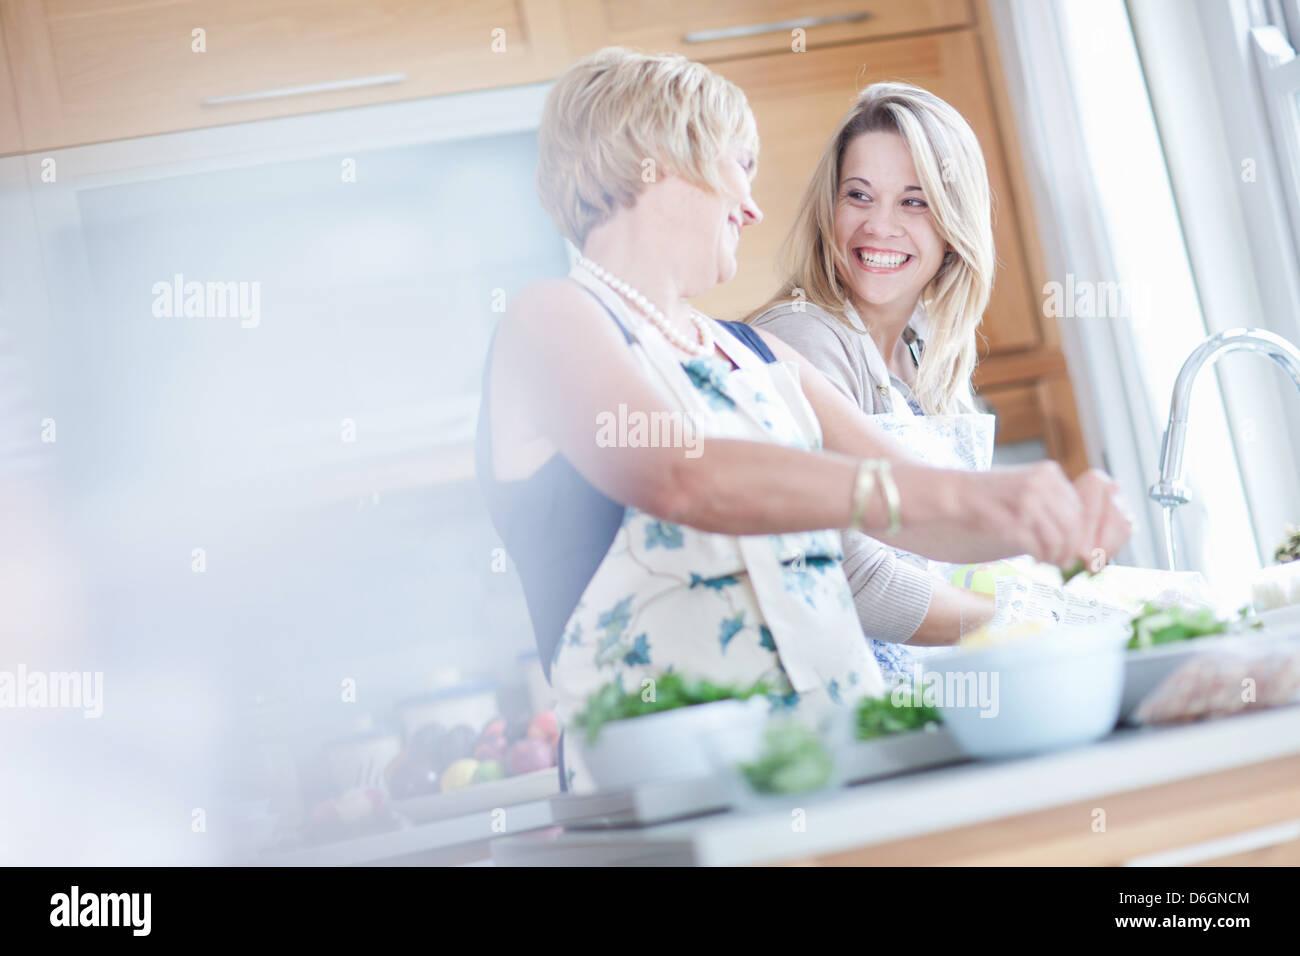 Mutter und Tochter in Küche Stockbild